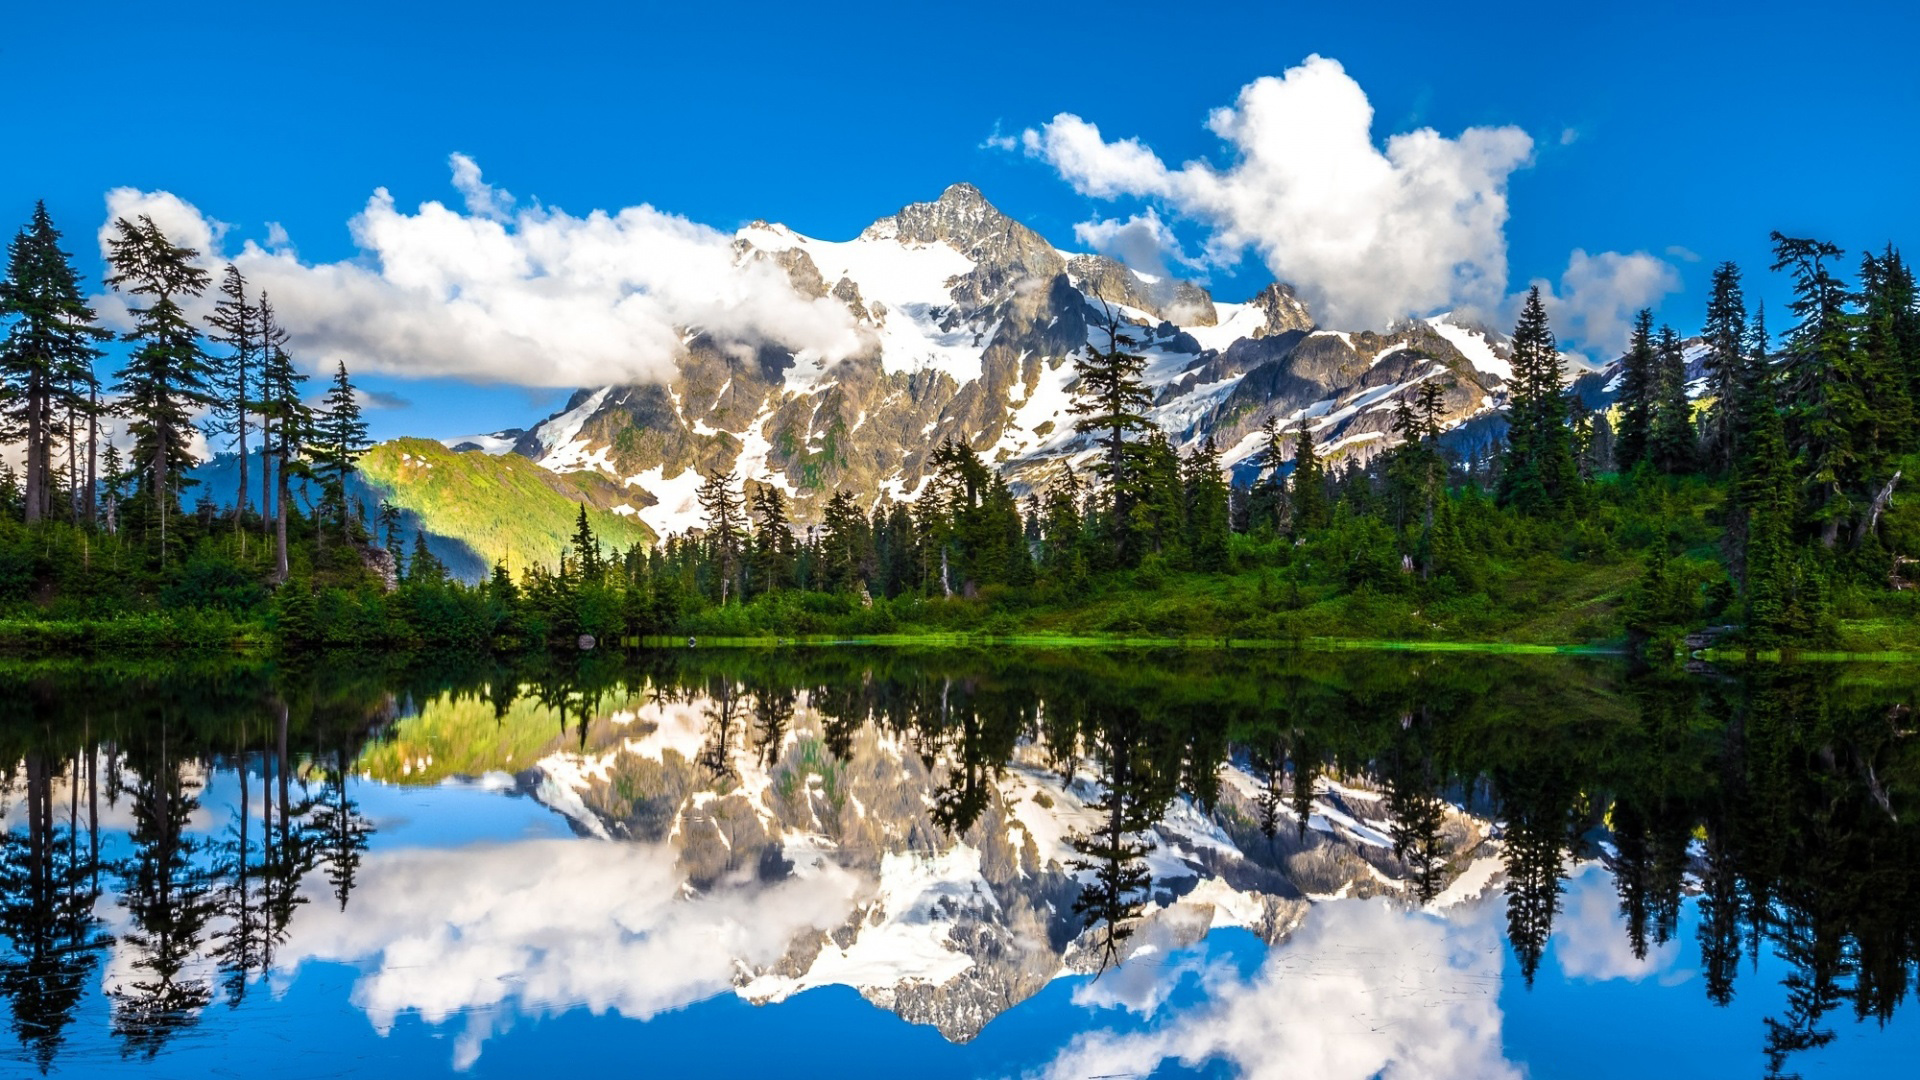 Hình nền 4k cho laptop tuyệt đẹp với hồ và núi